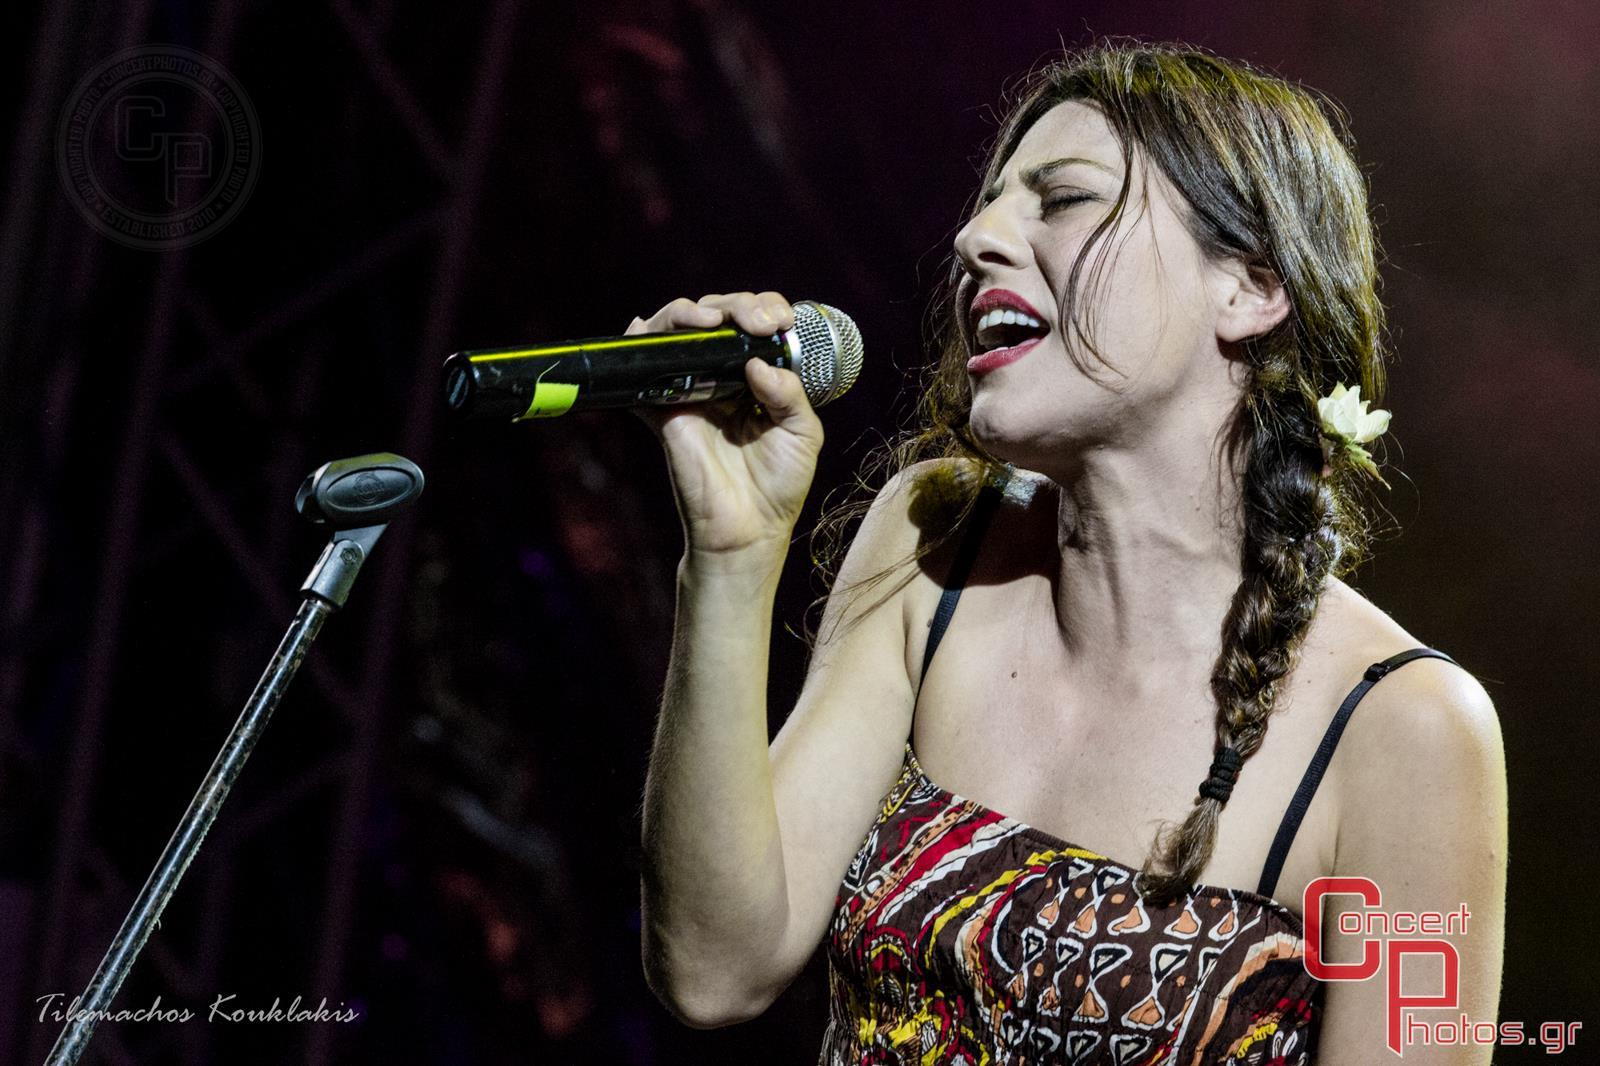 Μία συναυλία για τη Σχεδία 2014-Sxedia 2014 photographer:  - concertphotos_20140530_20_13_36-2